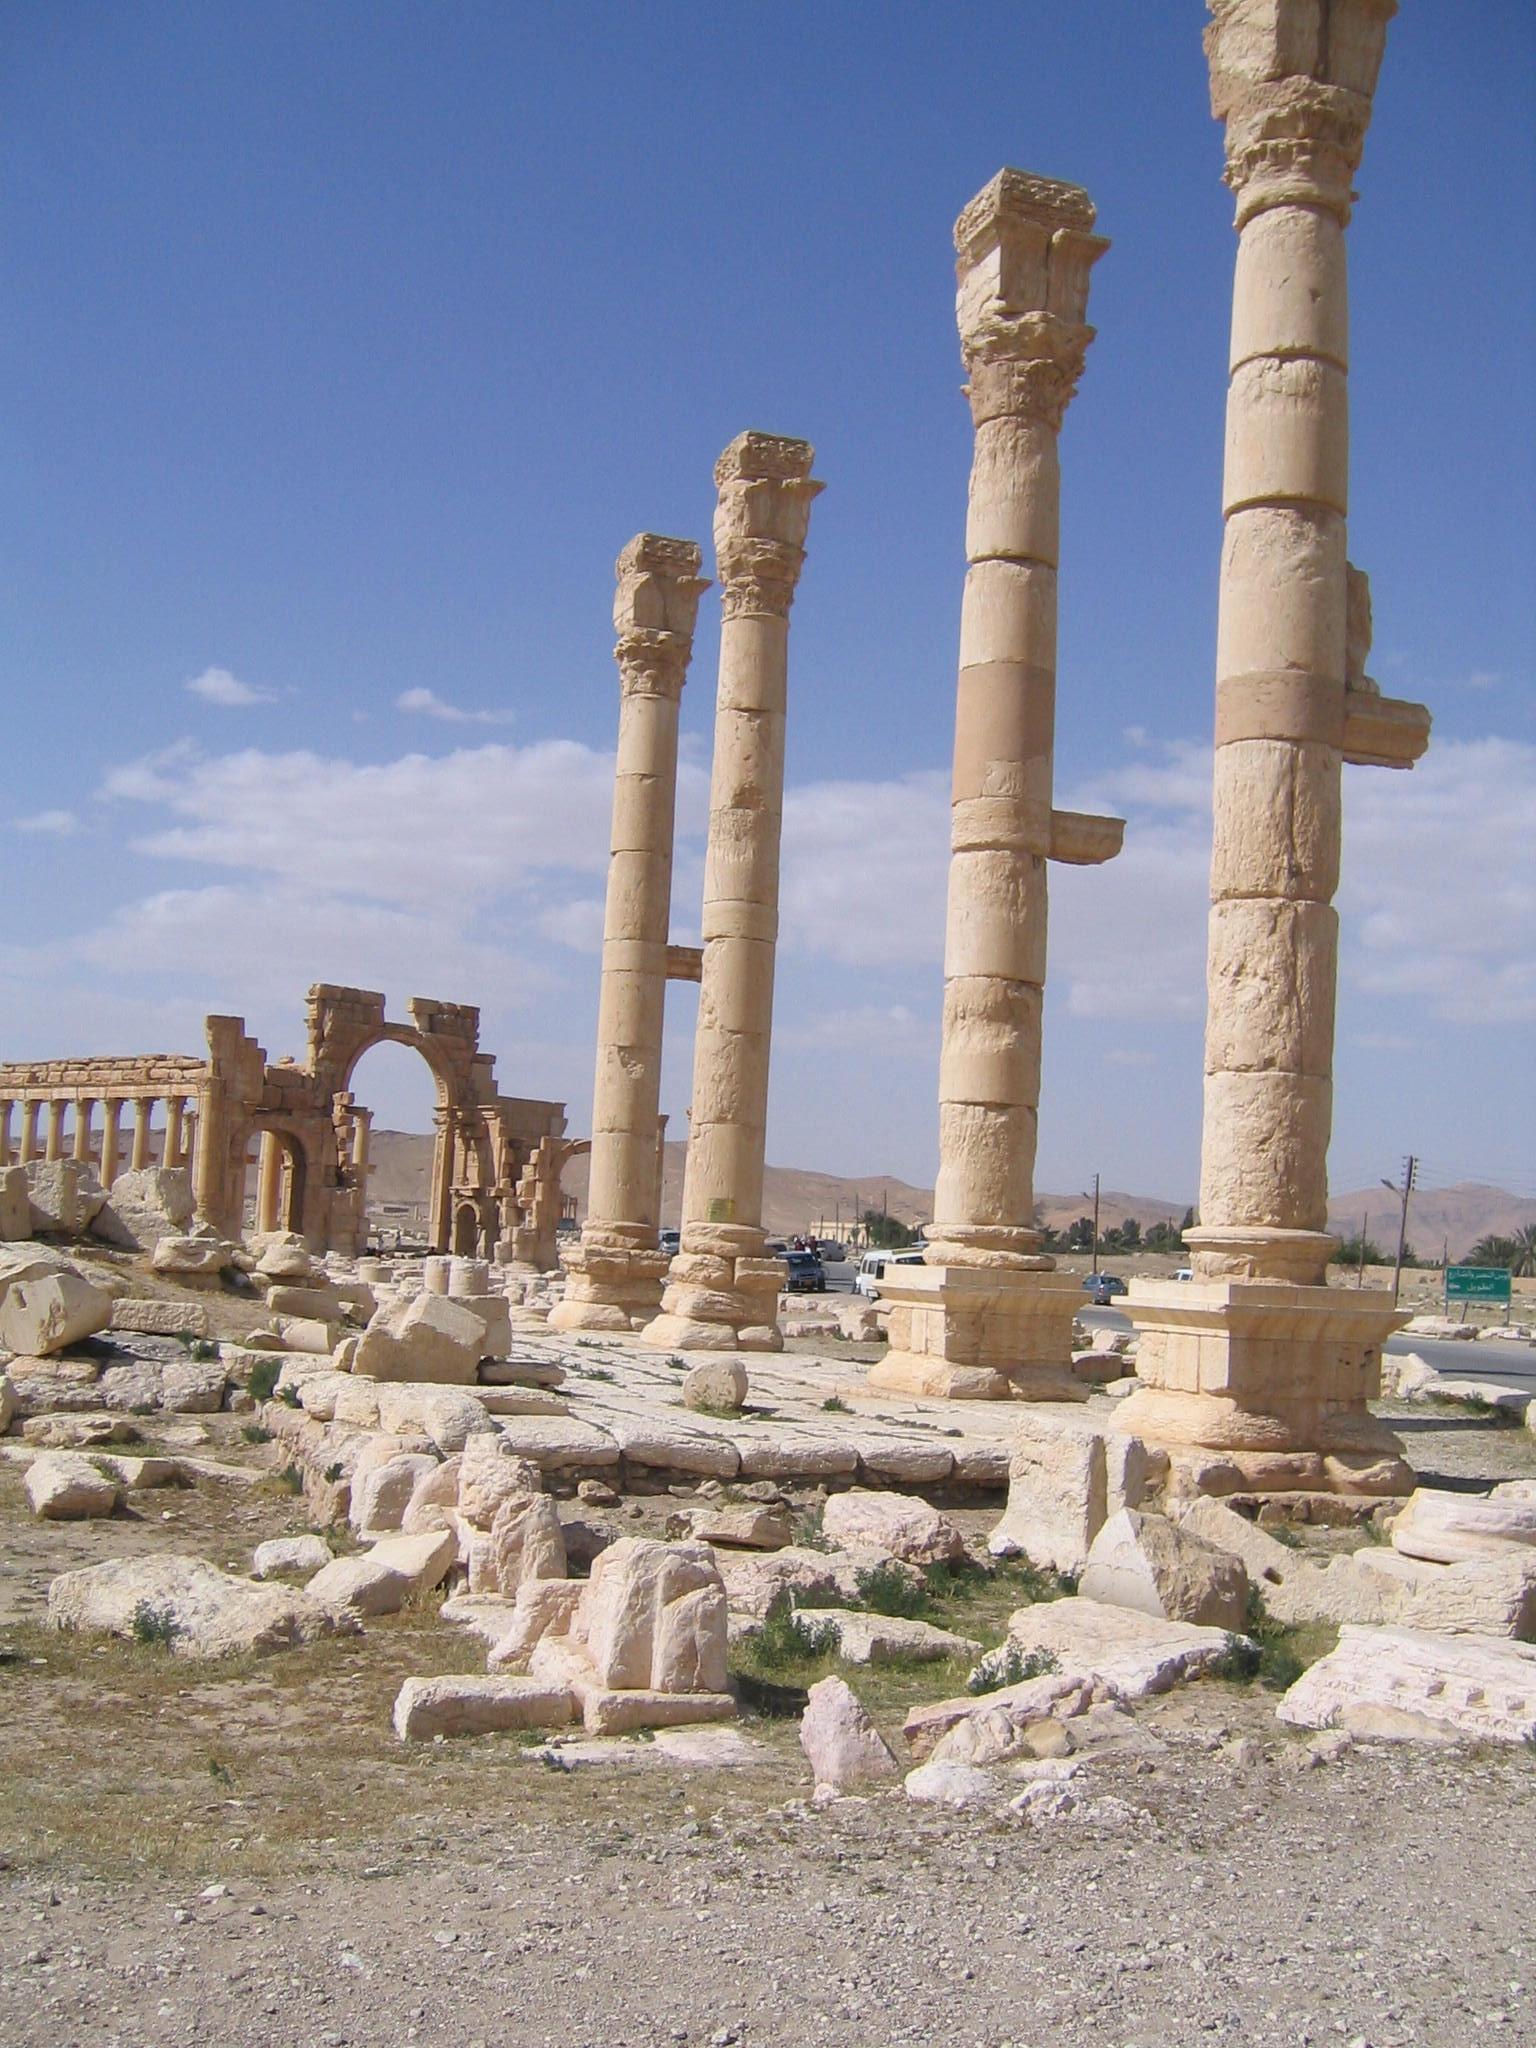 Restoration work underway in 2004 in Palmyra, Syria